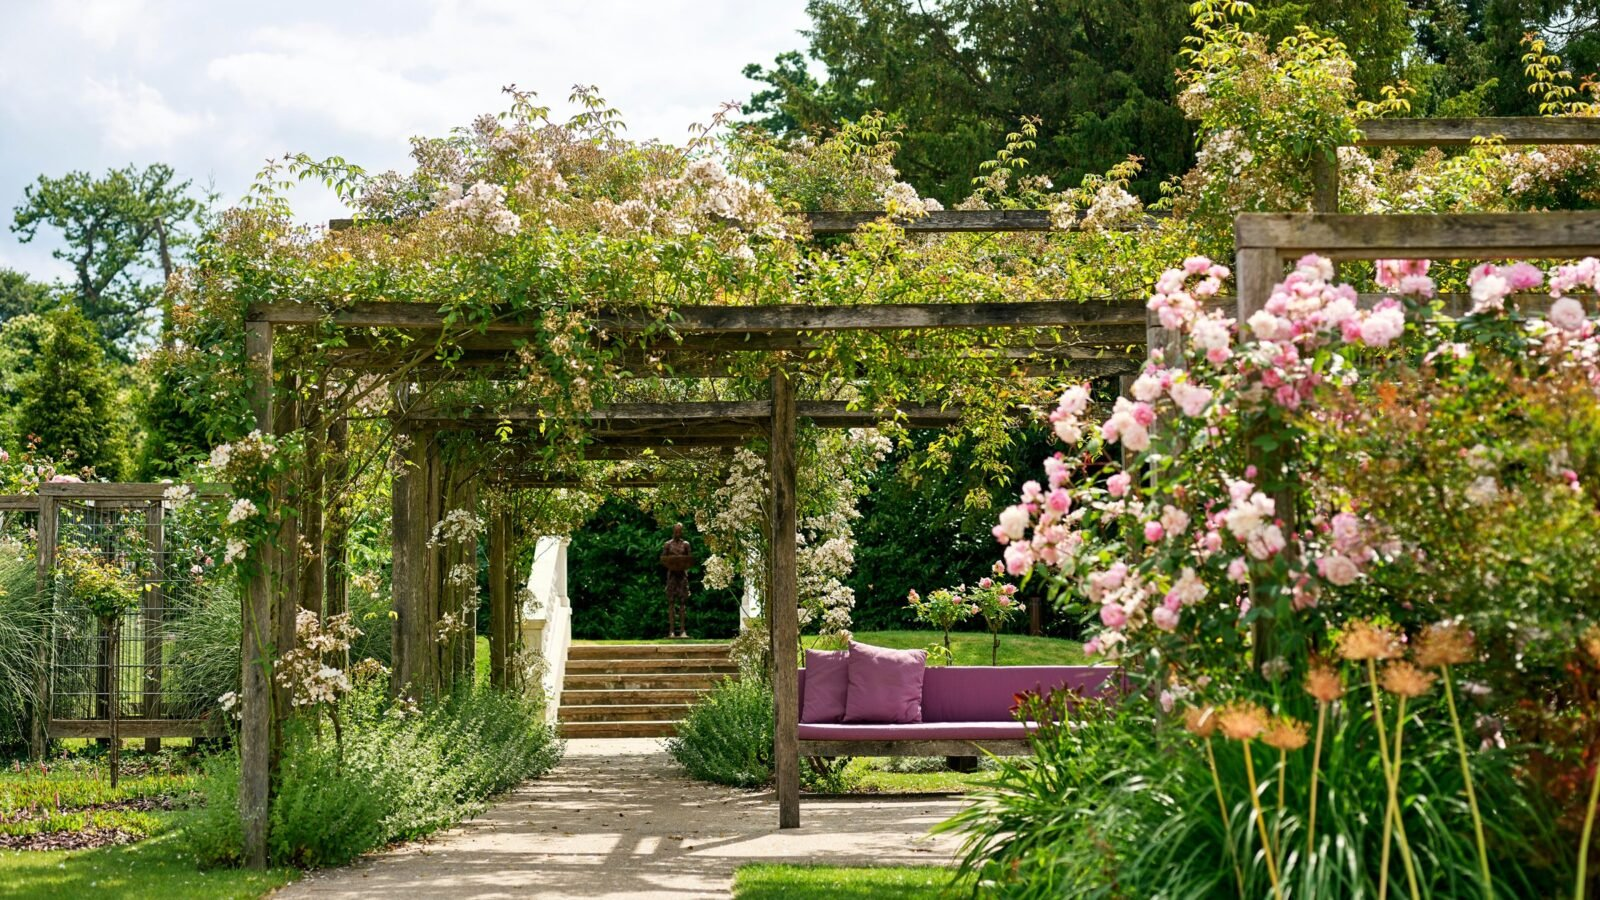 A true English garden